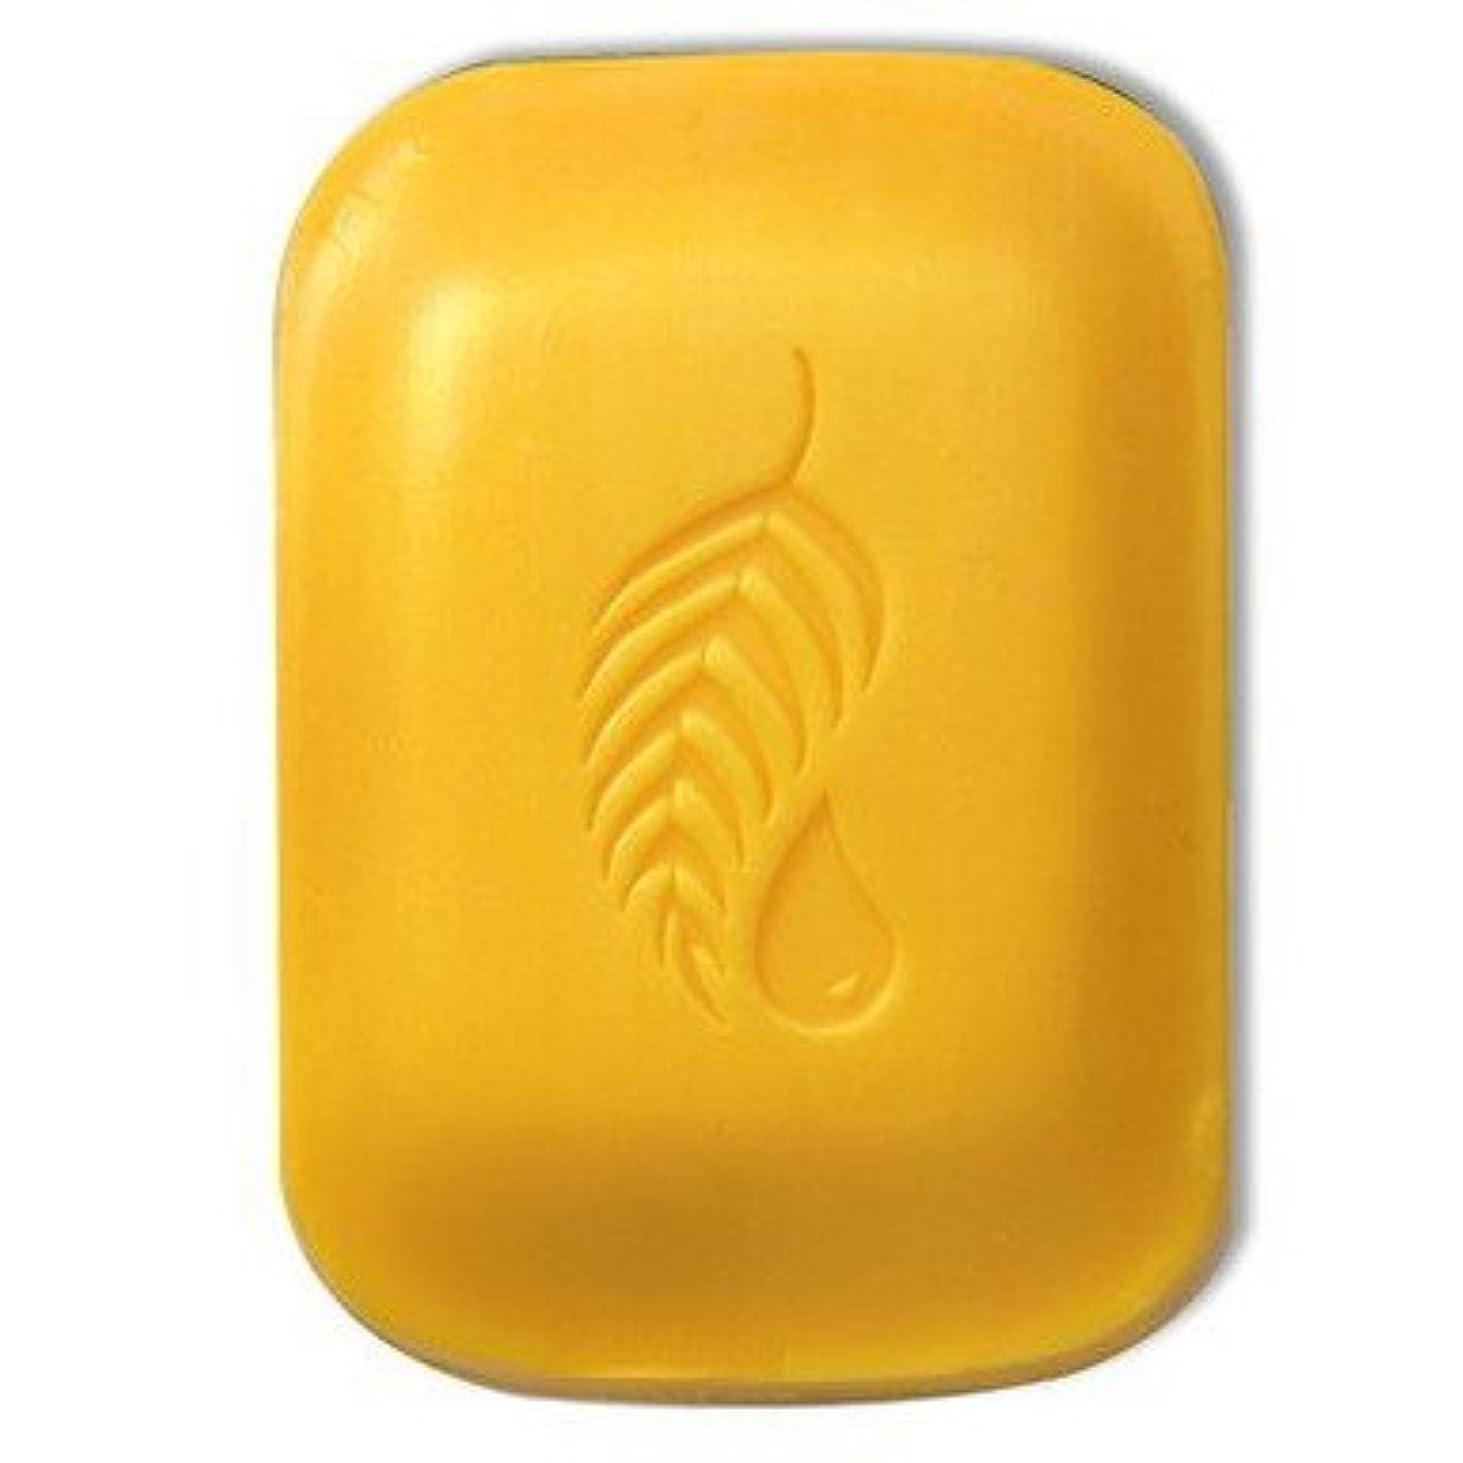 習慣豊富なボス【Melaleuca(メラルーカ)】ゴールド バー トライアルサイズ42.5g [並行輸入品]